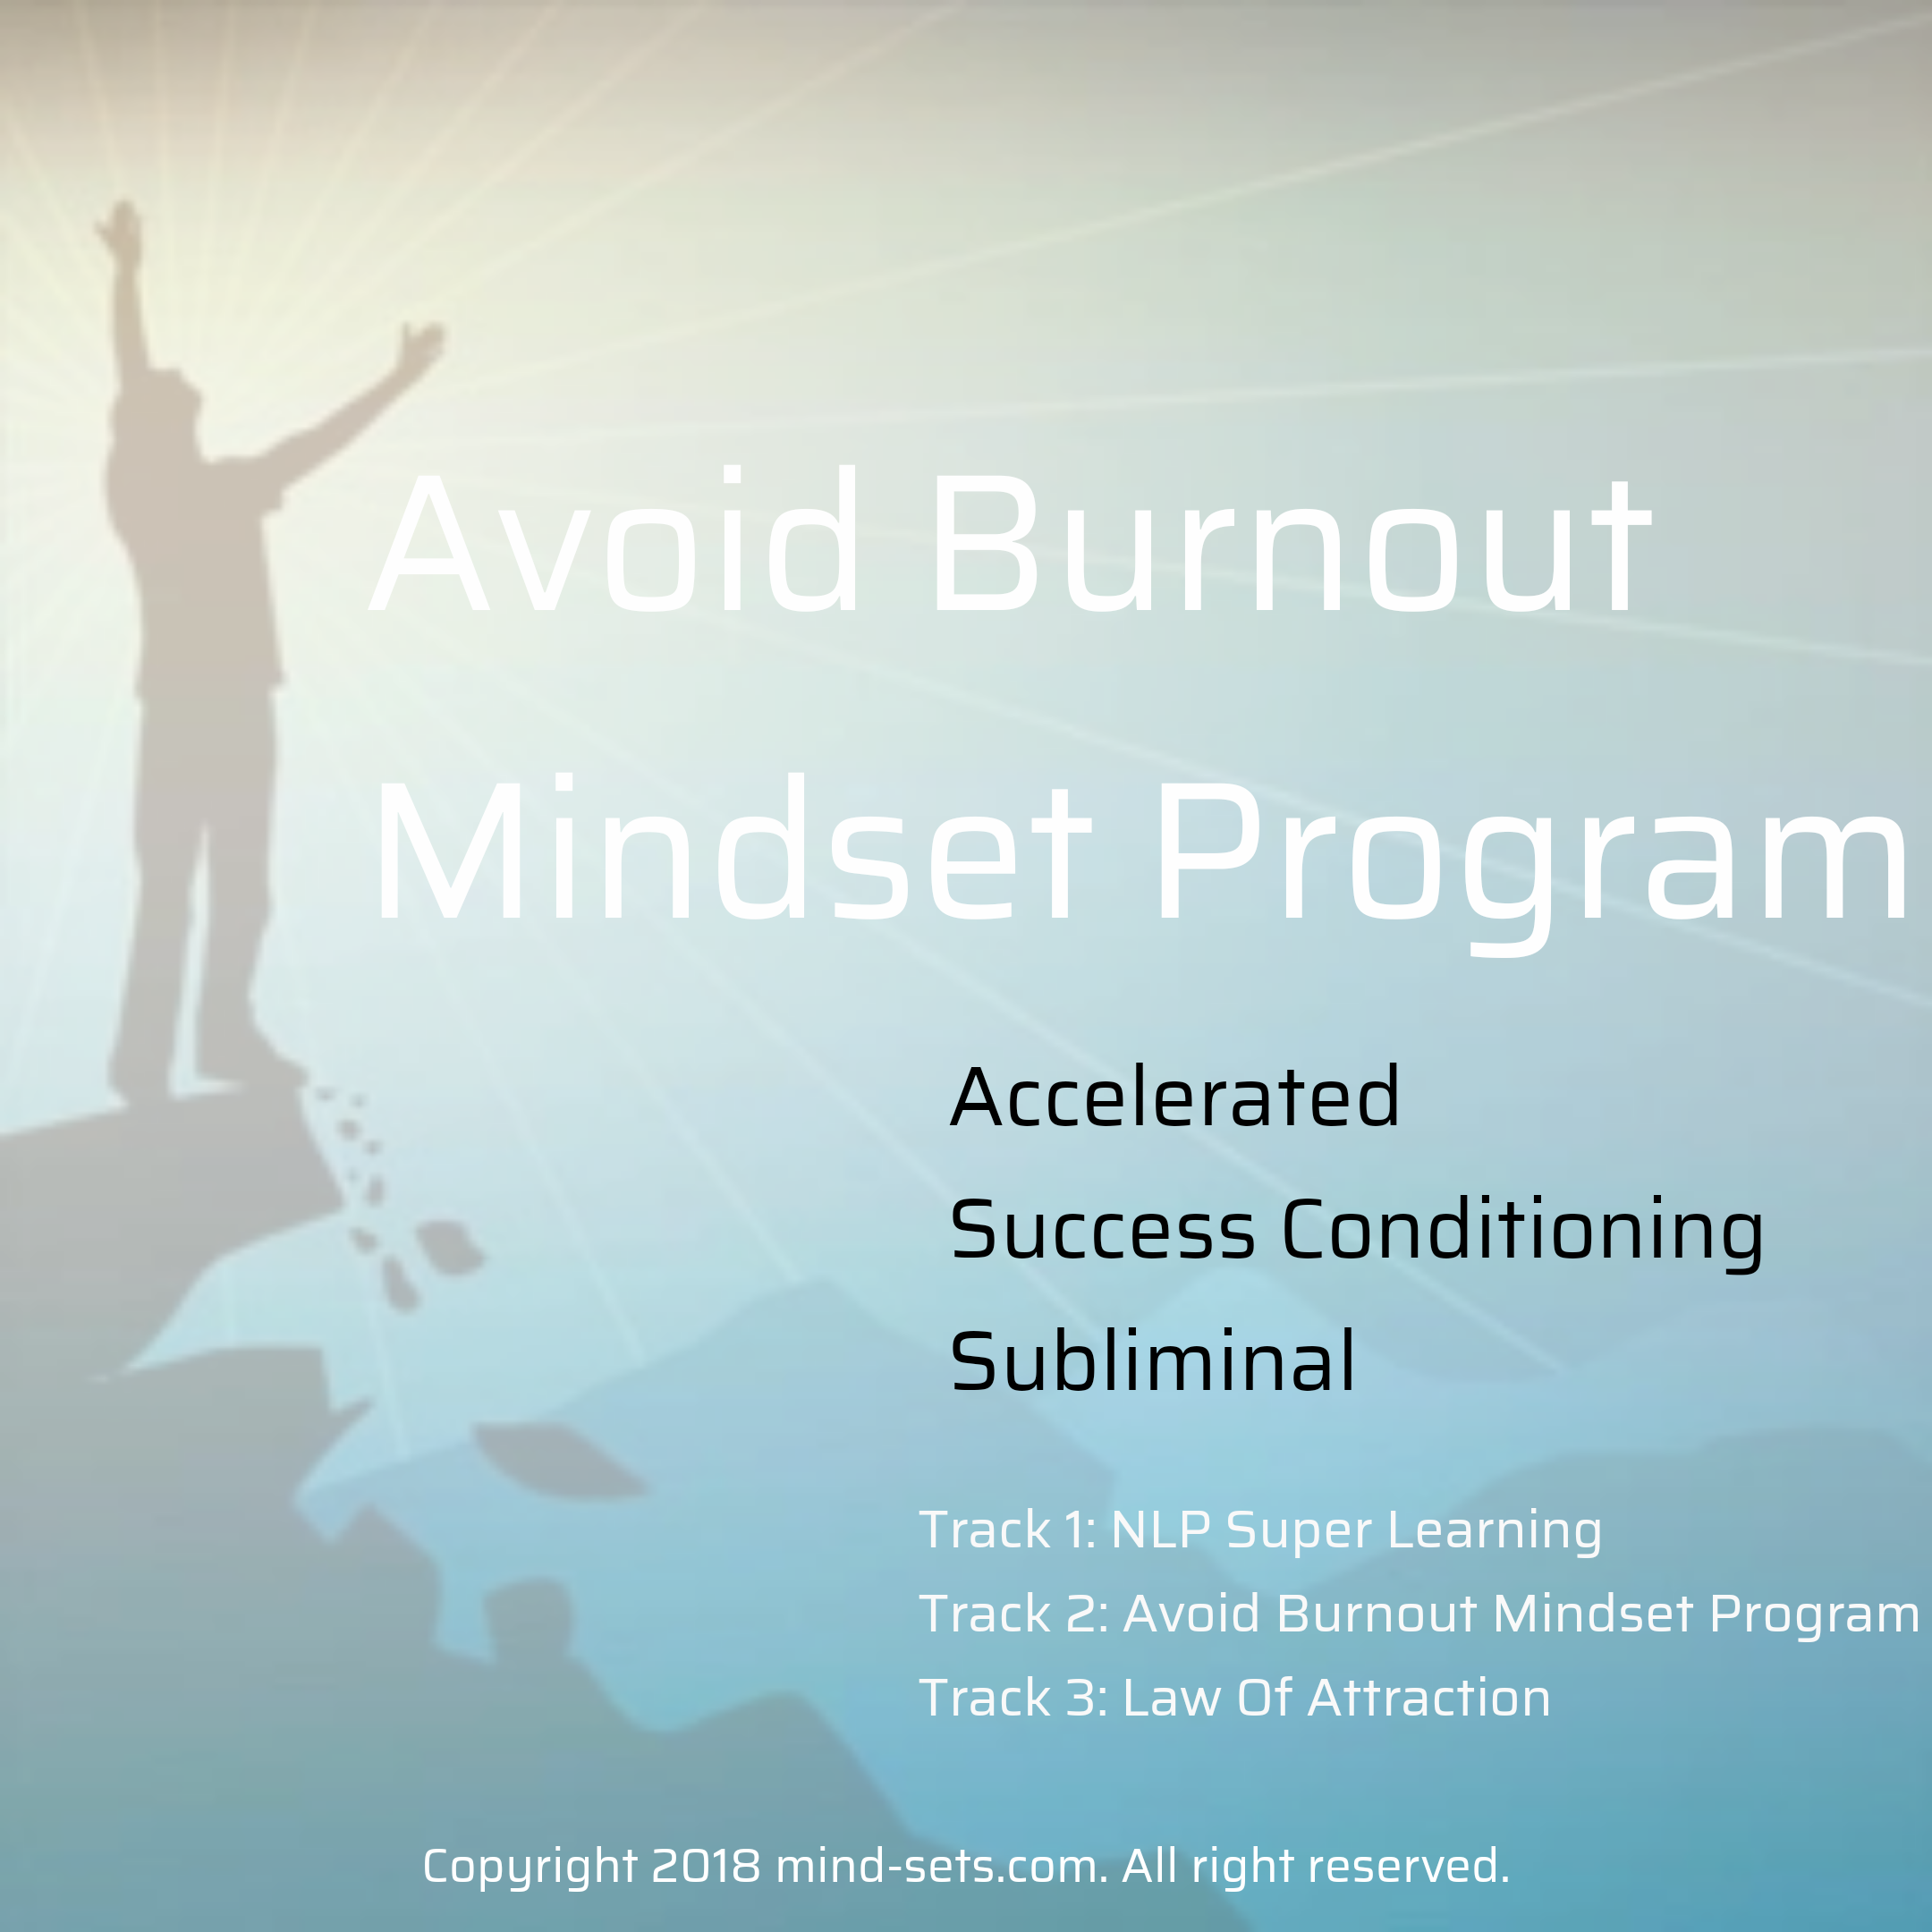 Avoid Burnout Mindset Program